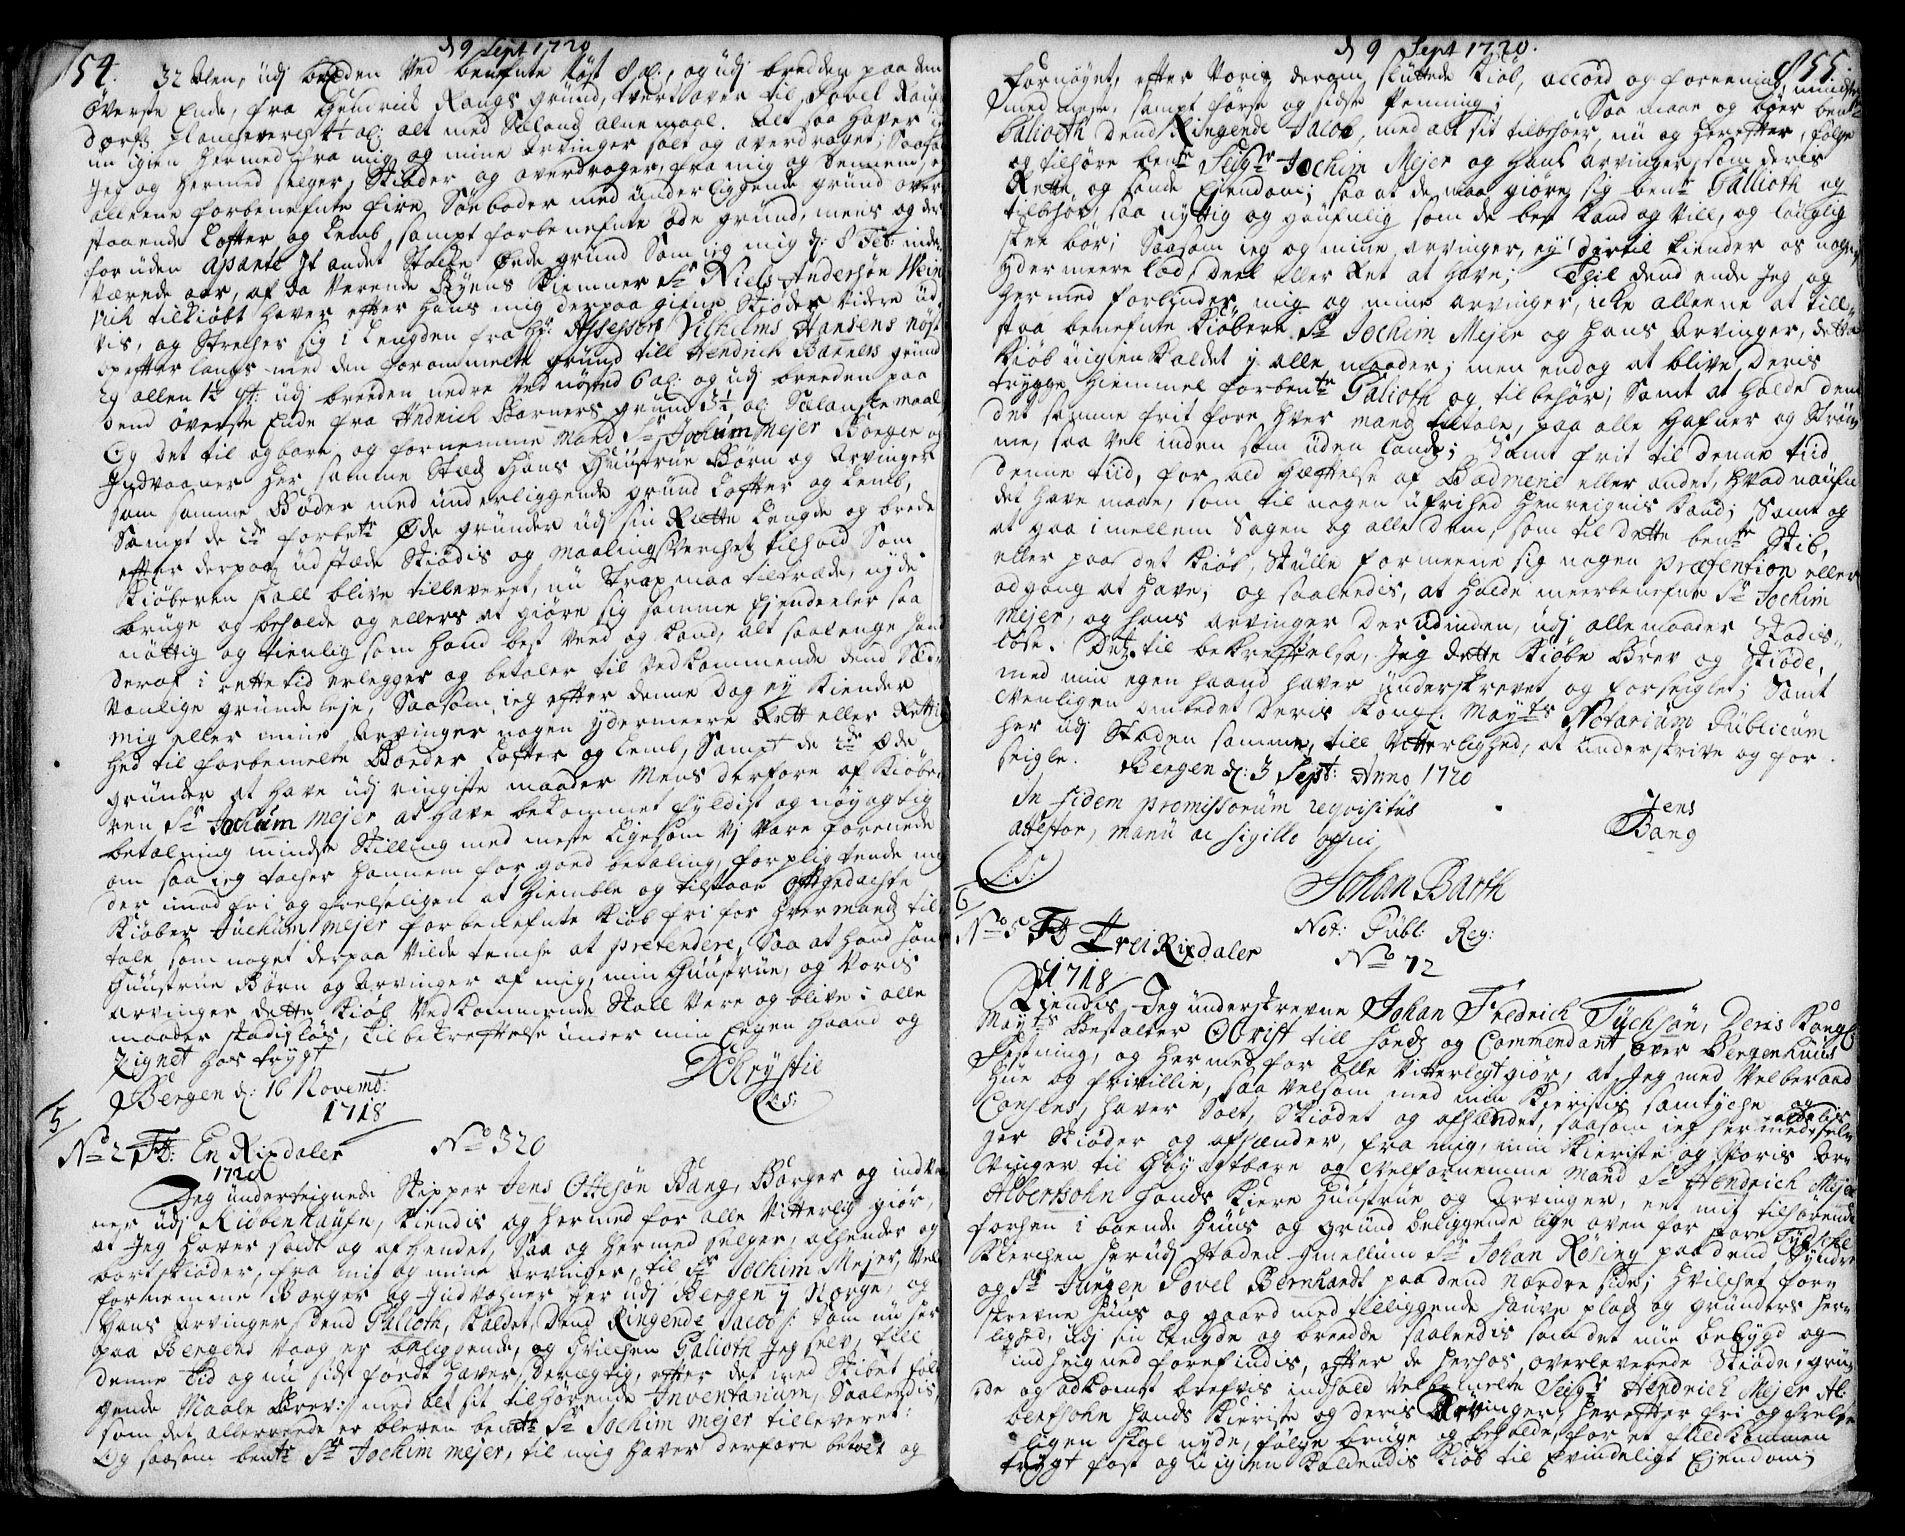 SAB, Byfogd og Byskriver i Bergen, 03/03Ba/L0008a: Pantebok nr. II.B.a.8, 1714-1720, s. 854-855